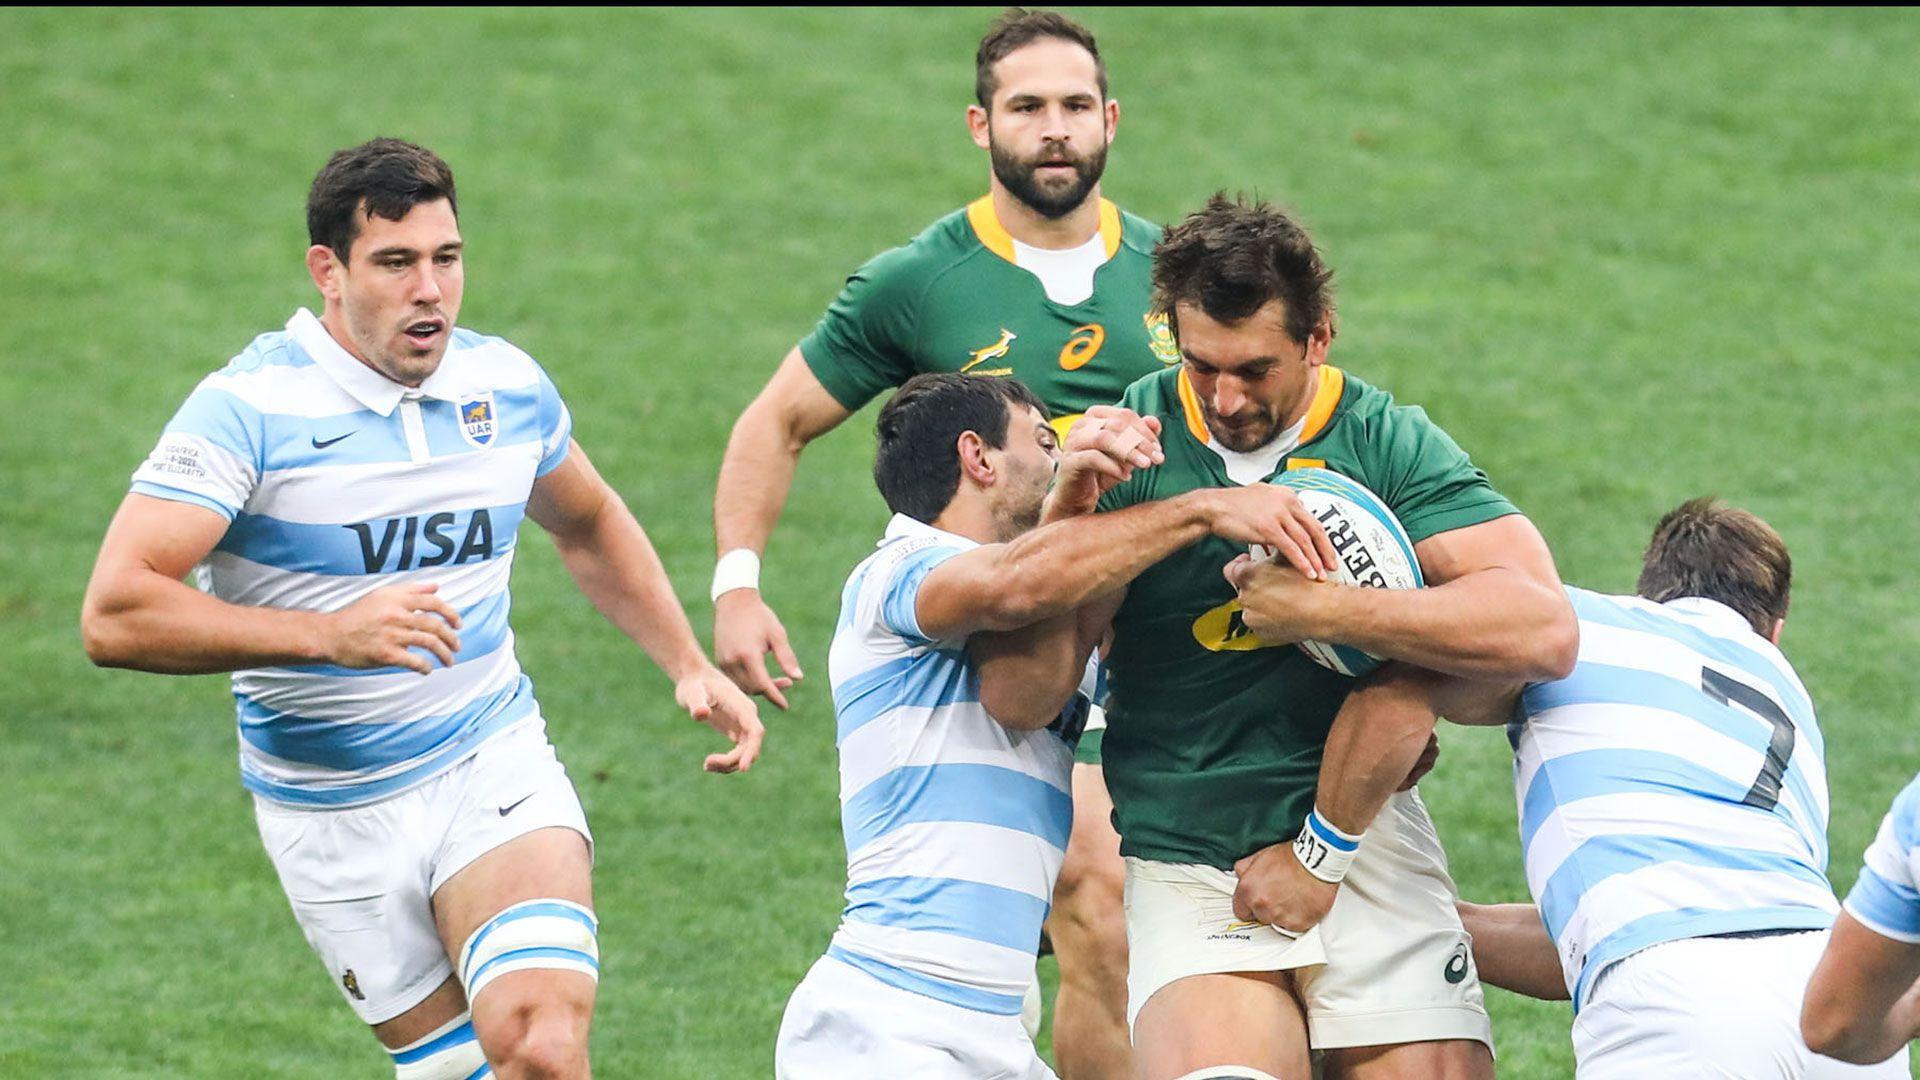 Los-Pumas-vs-Sudafrica